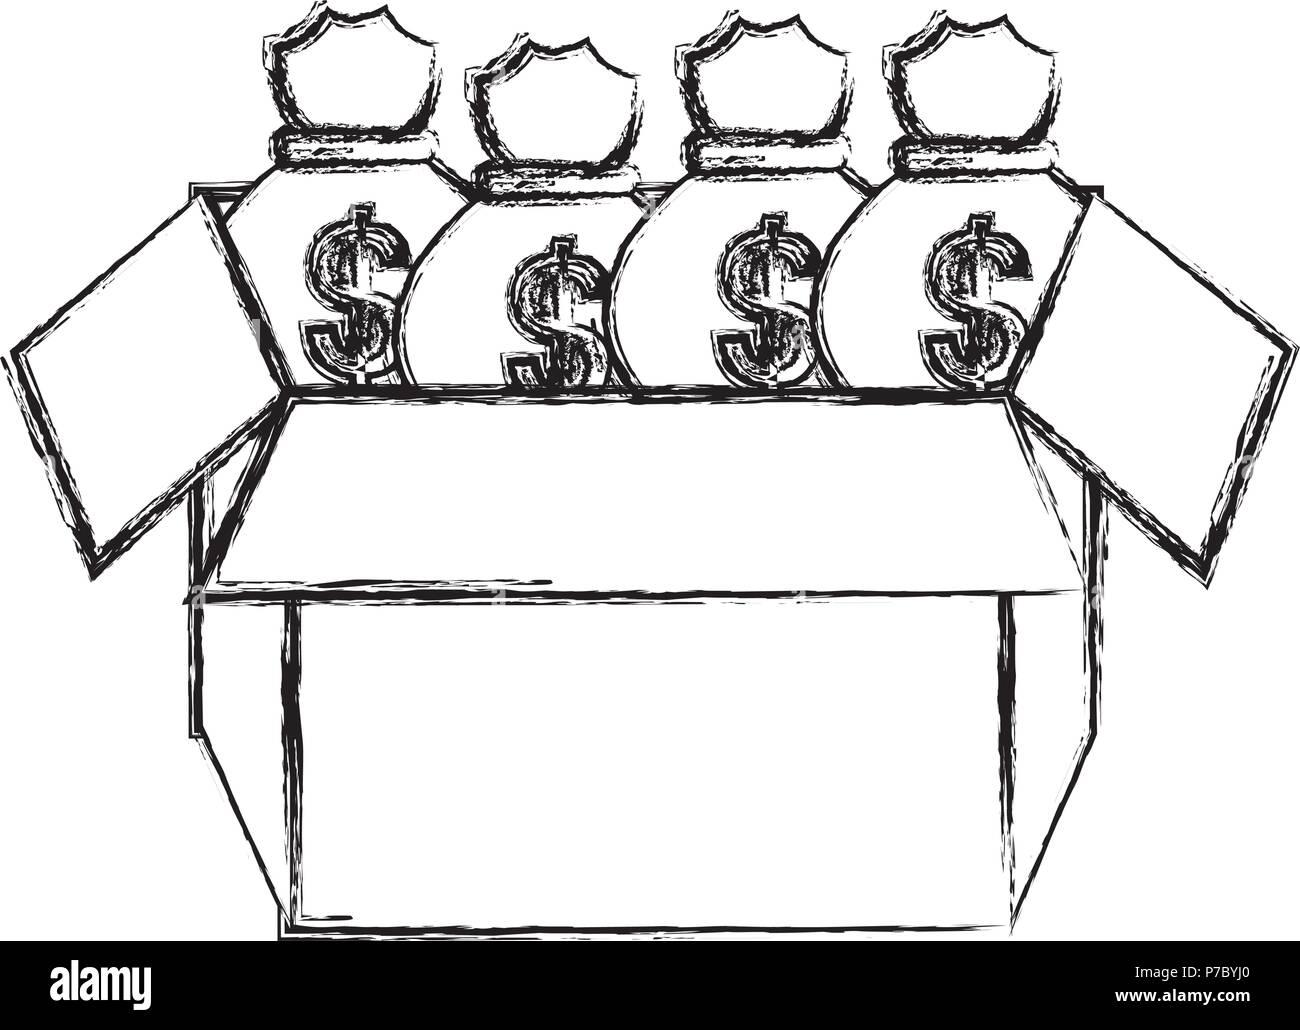 carton box with money bags vector illustration design - Stock Vector